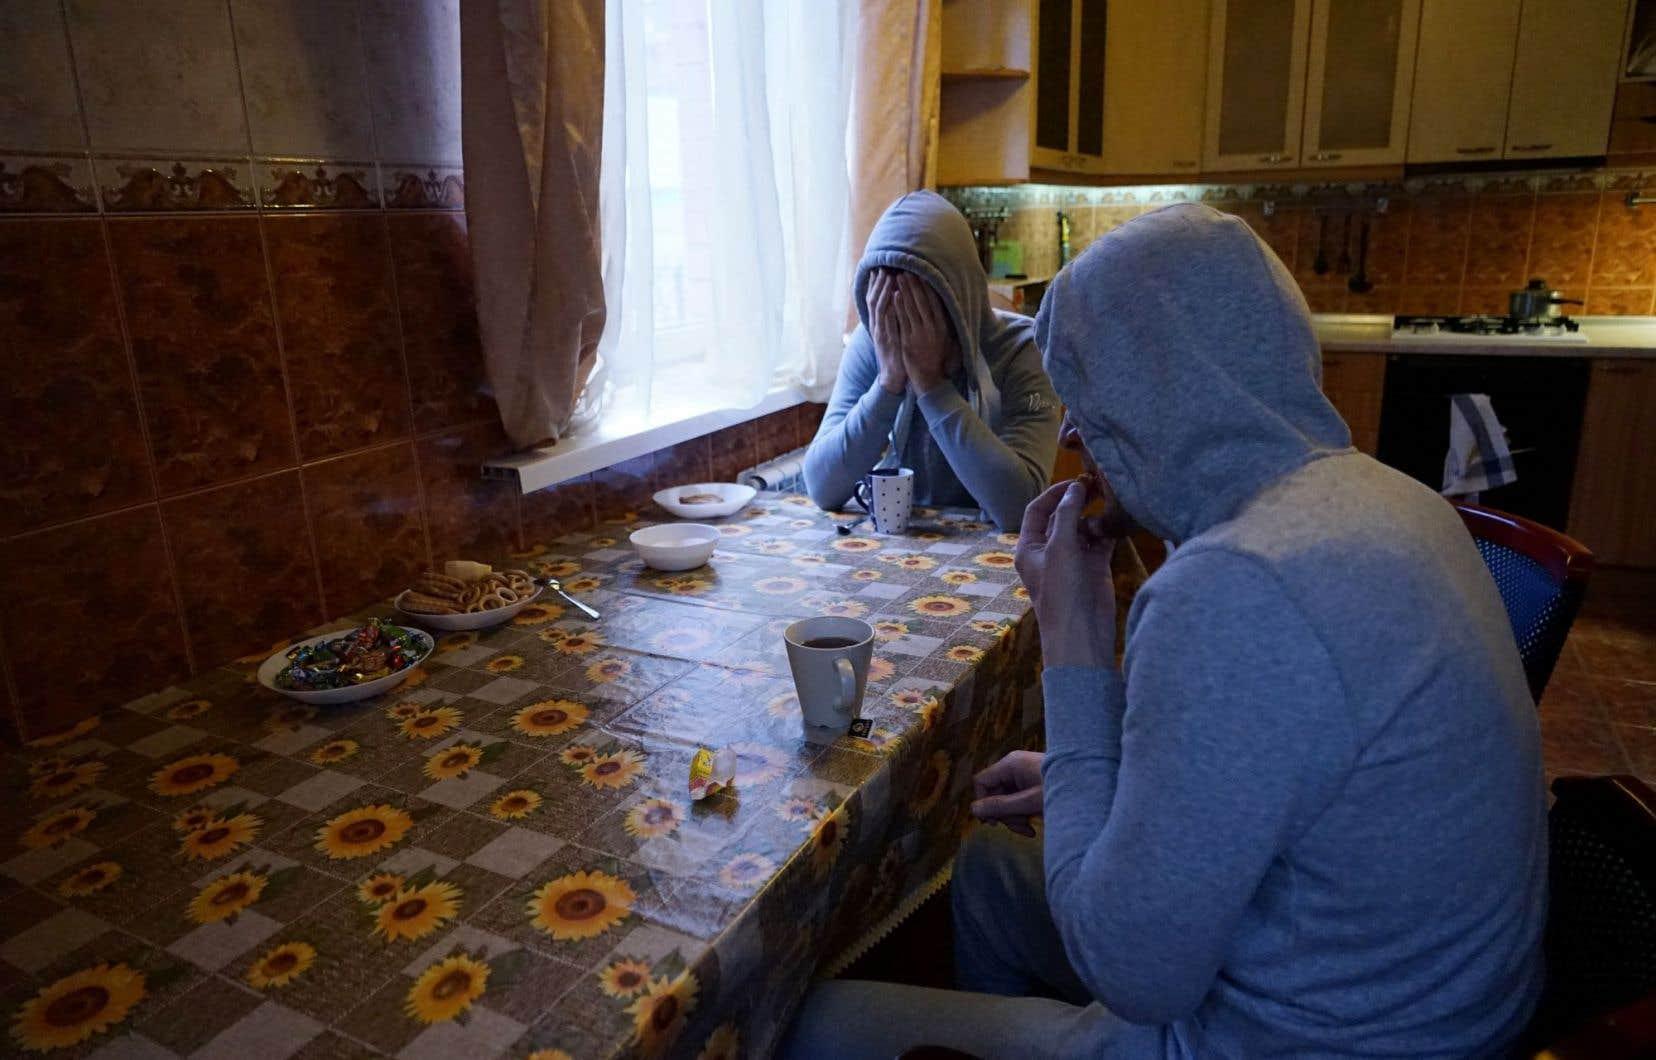 Deux hommes homosexuels tchétchènes, qui ont fui la persécution dans la région musulmane russe de la Tchétchénie en raison de leur orientation sexuelle, se trouvent autour d'une table dans leur appartement à Moscou.